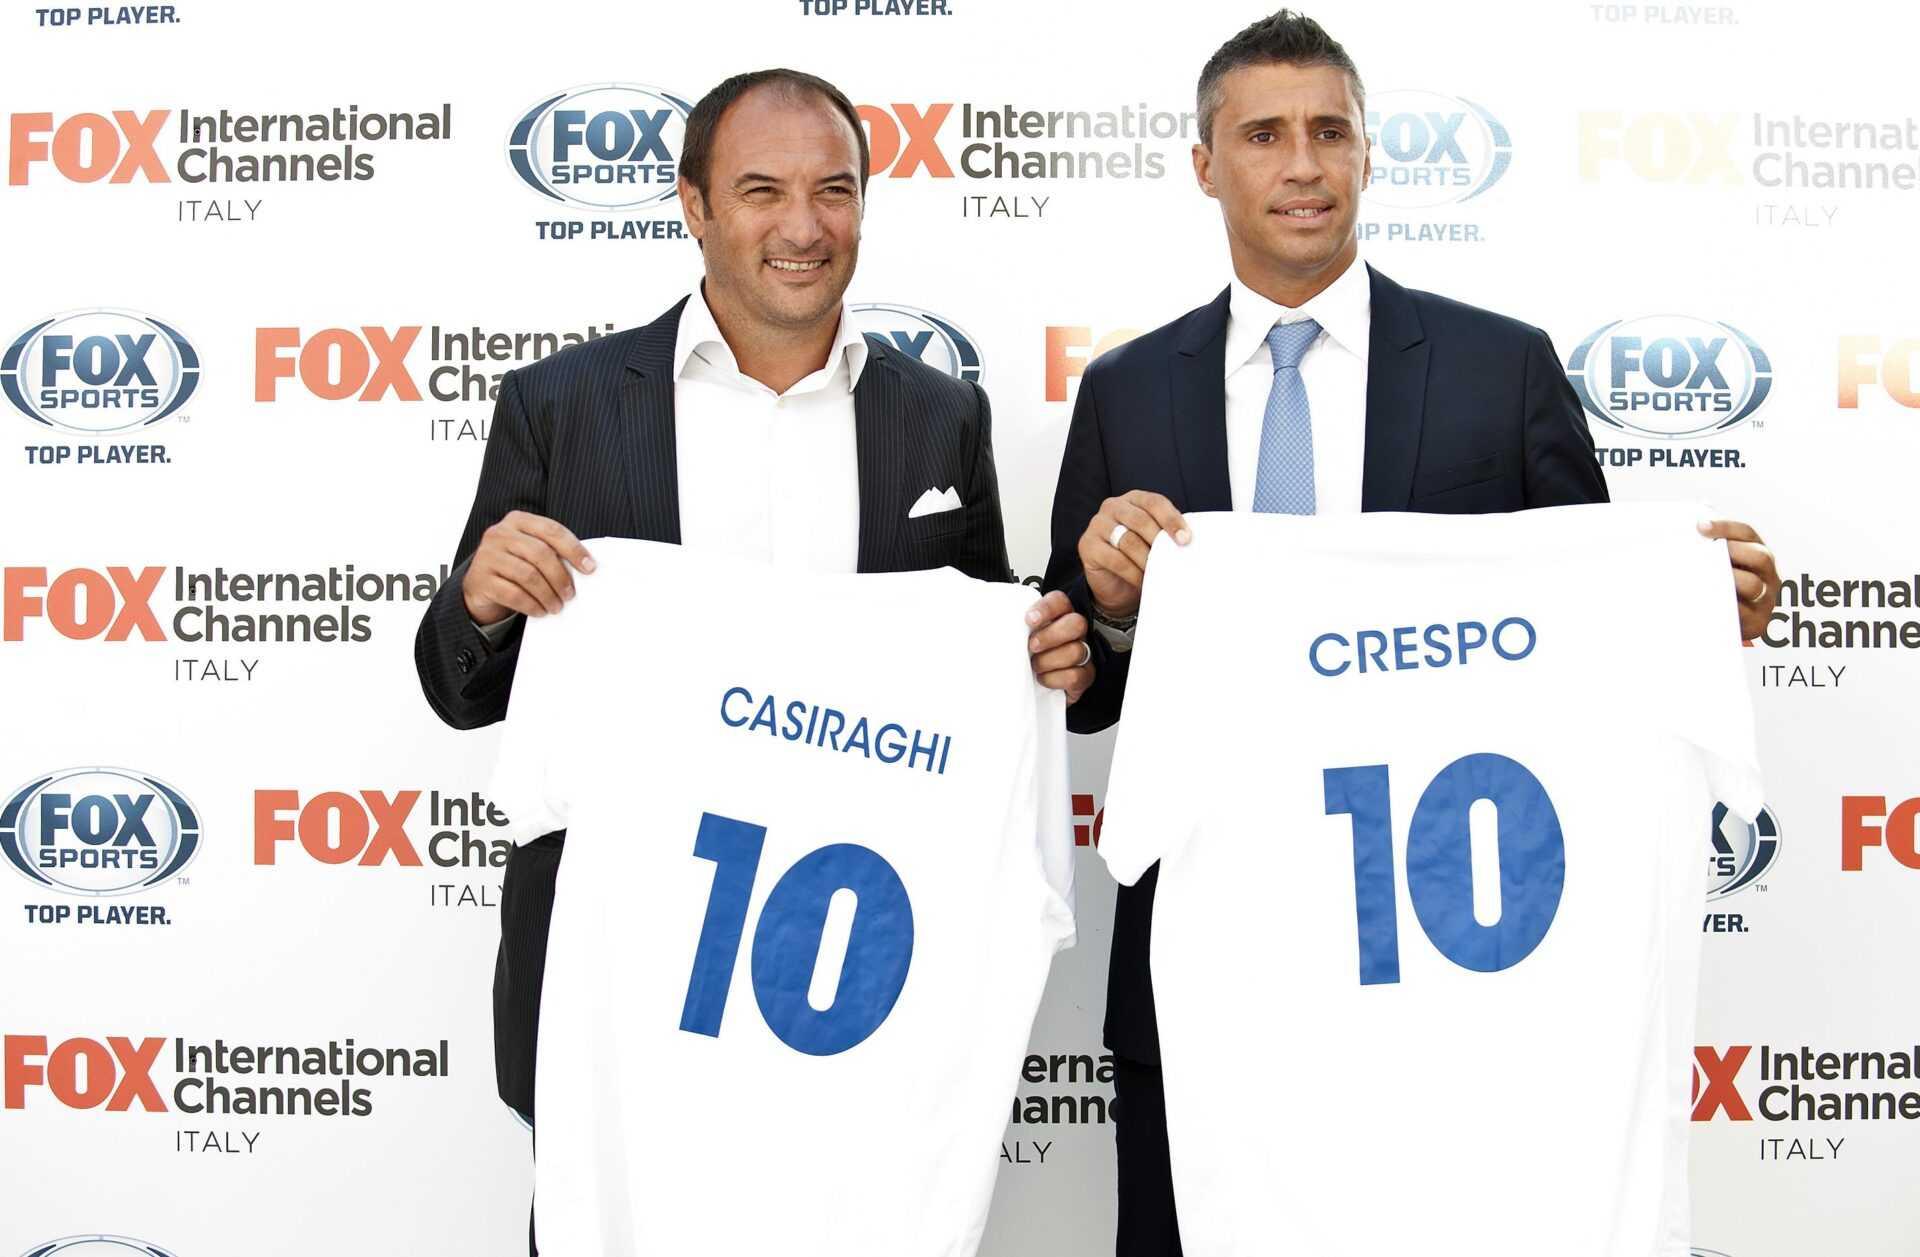 Presentata Fox Sports, al via su Sky dal 9 Agosto e su Mediaset Premium dal 17 | Digitale terrestre: Dtti.it